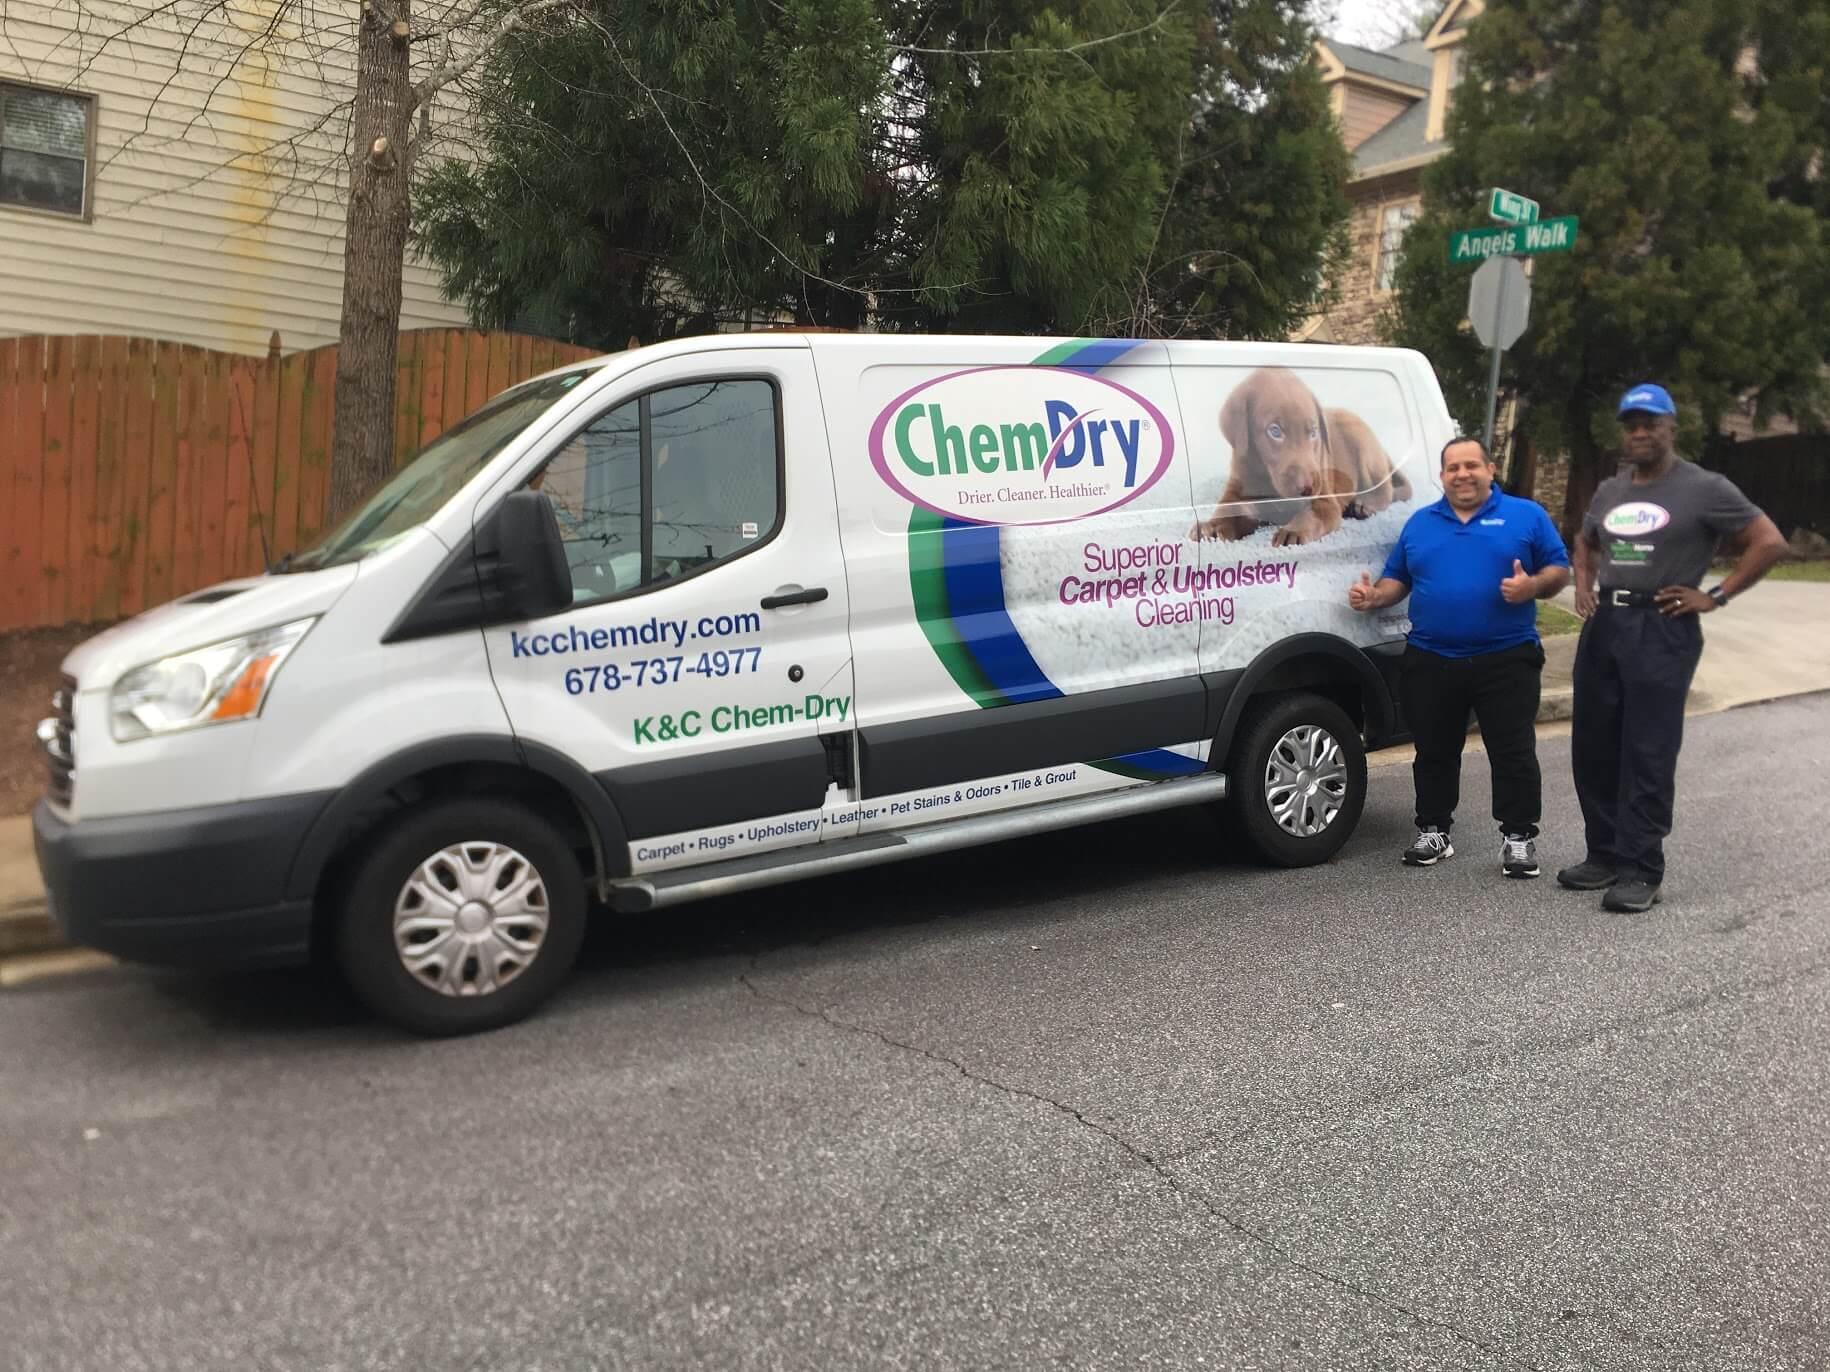 K&C Chem-Dry techs standing beside white van in gwinnett county